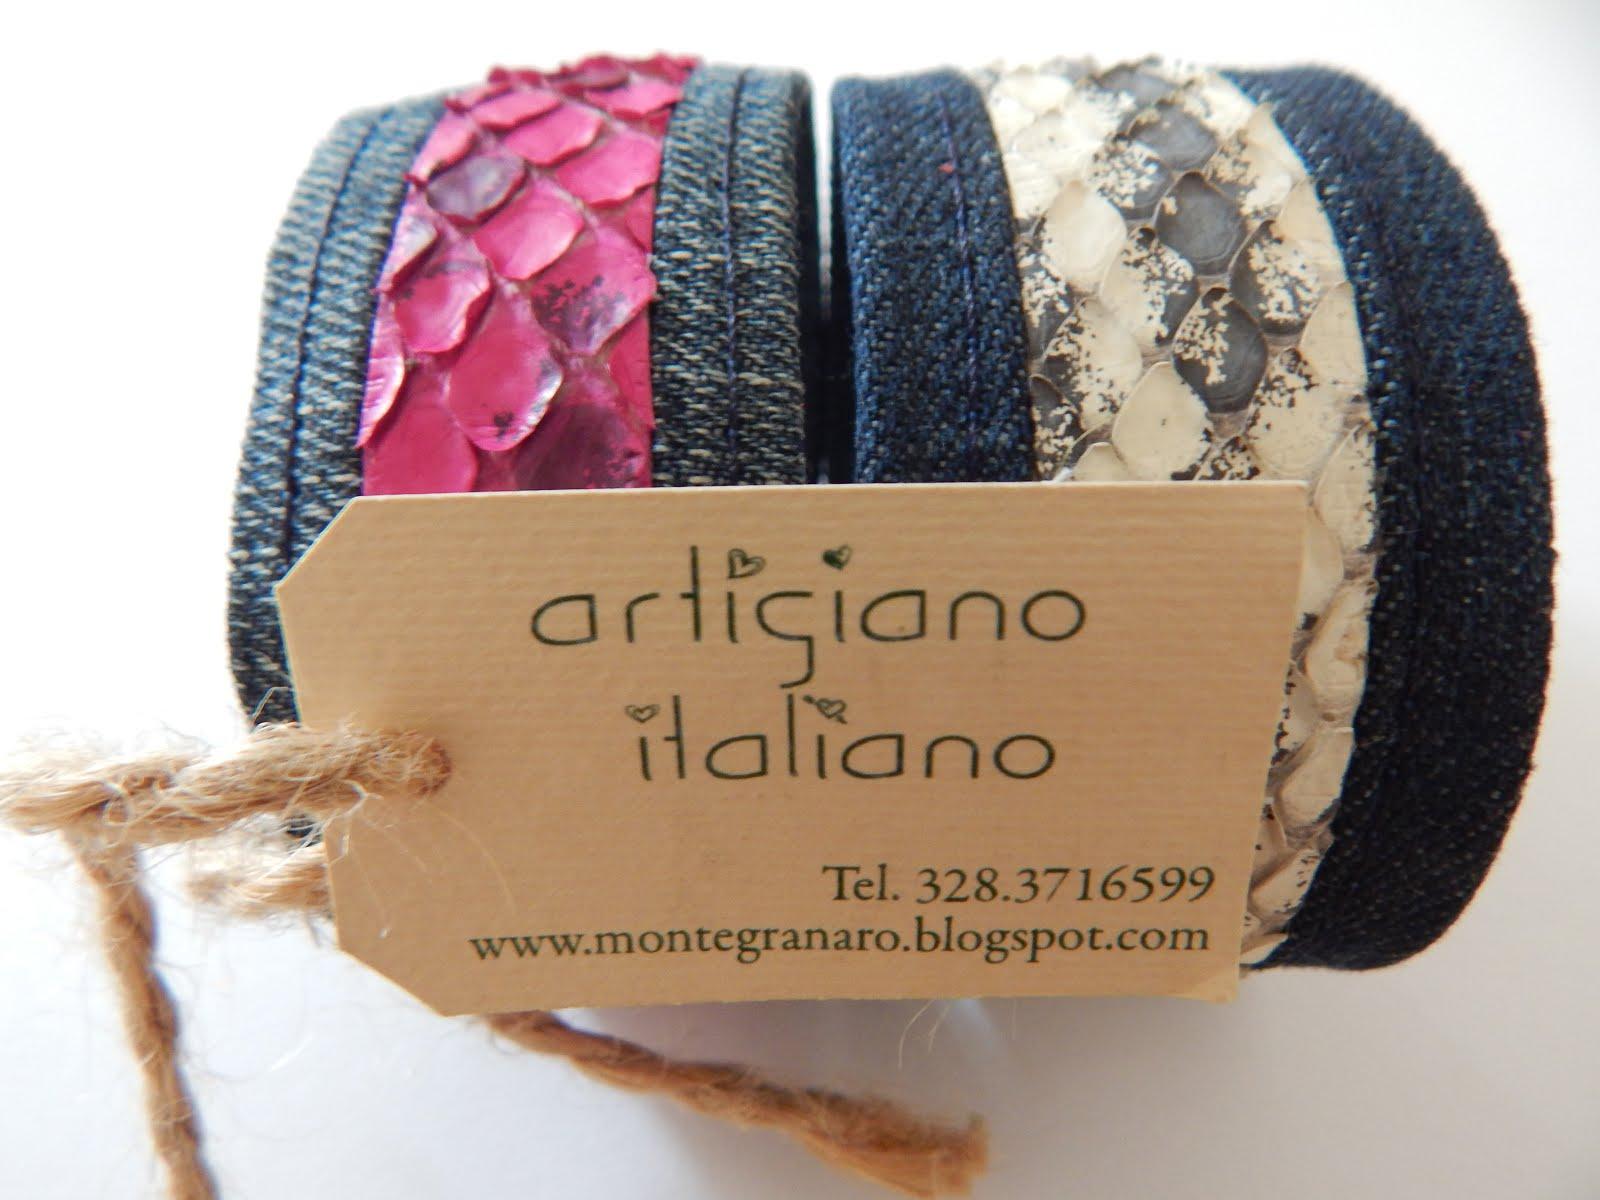 Artigiano Italiano che crea braccialetti particolari